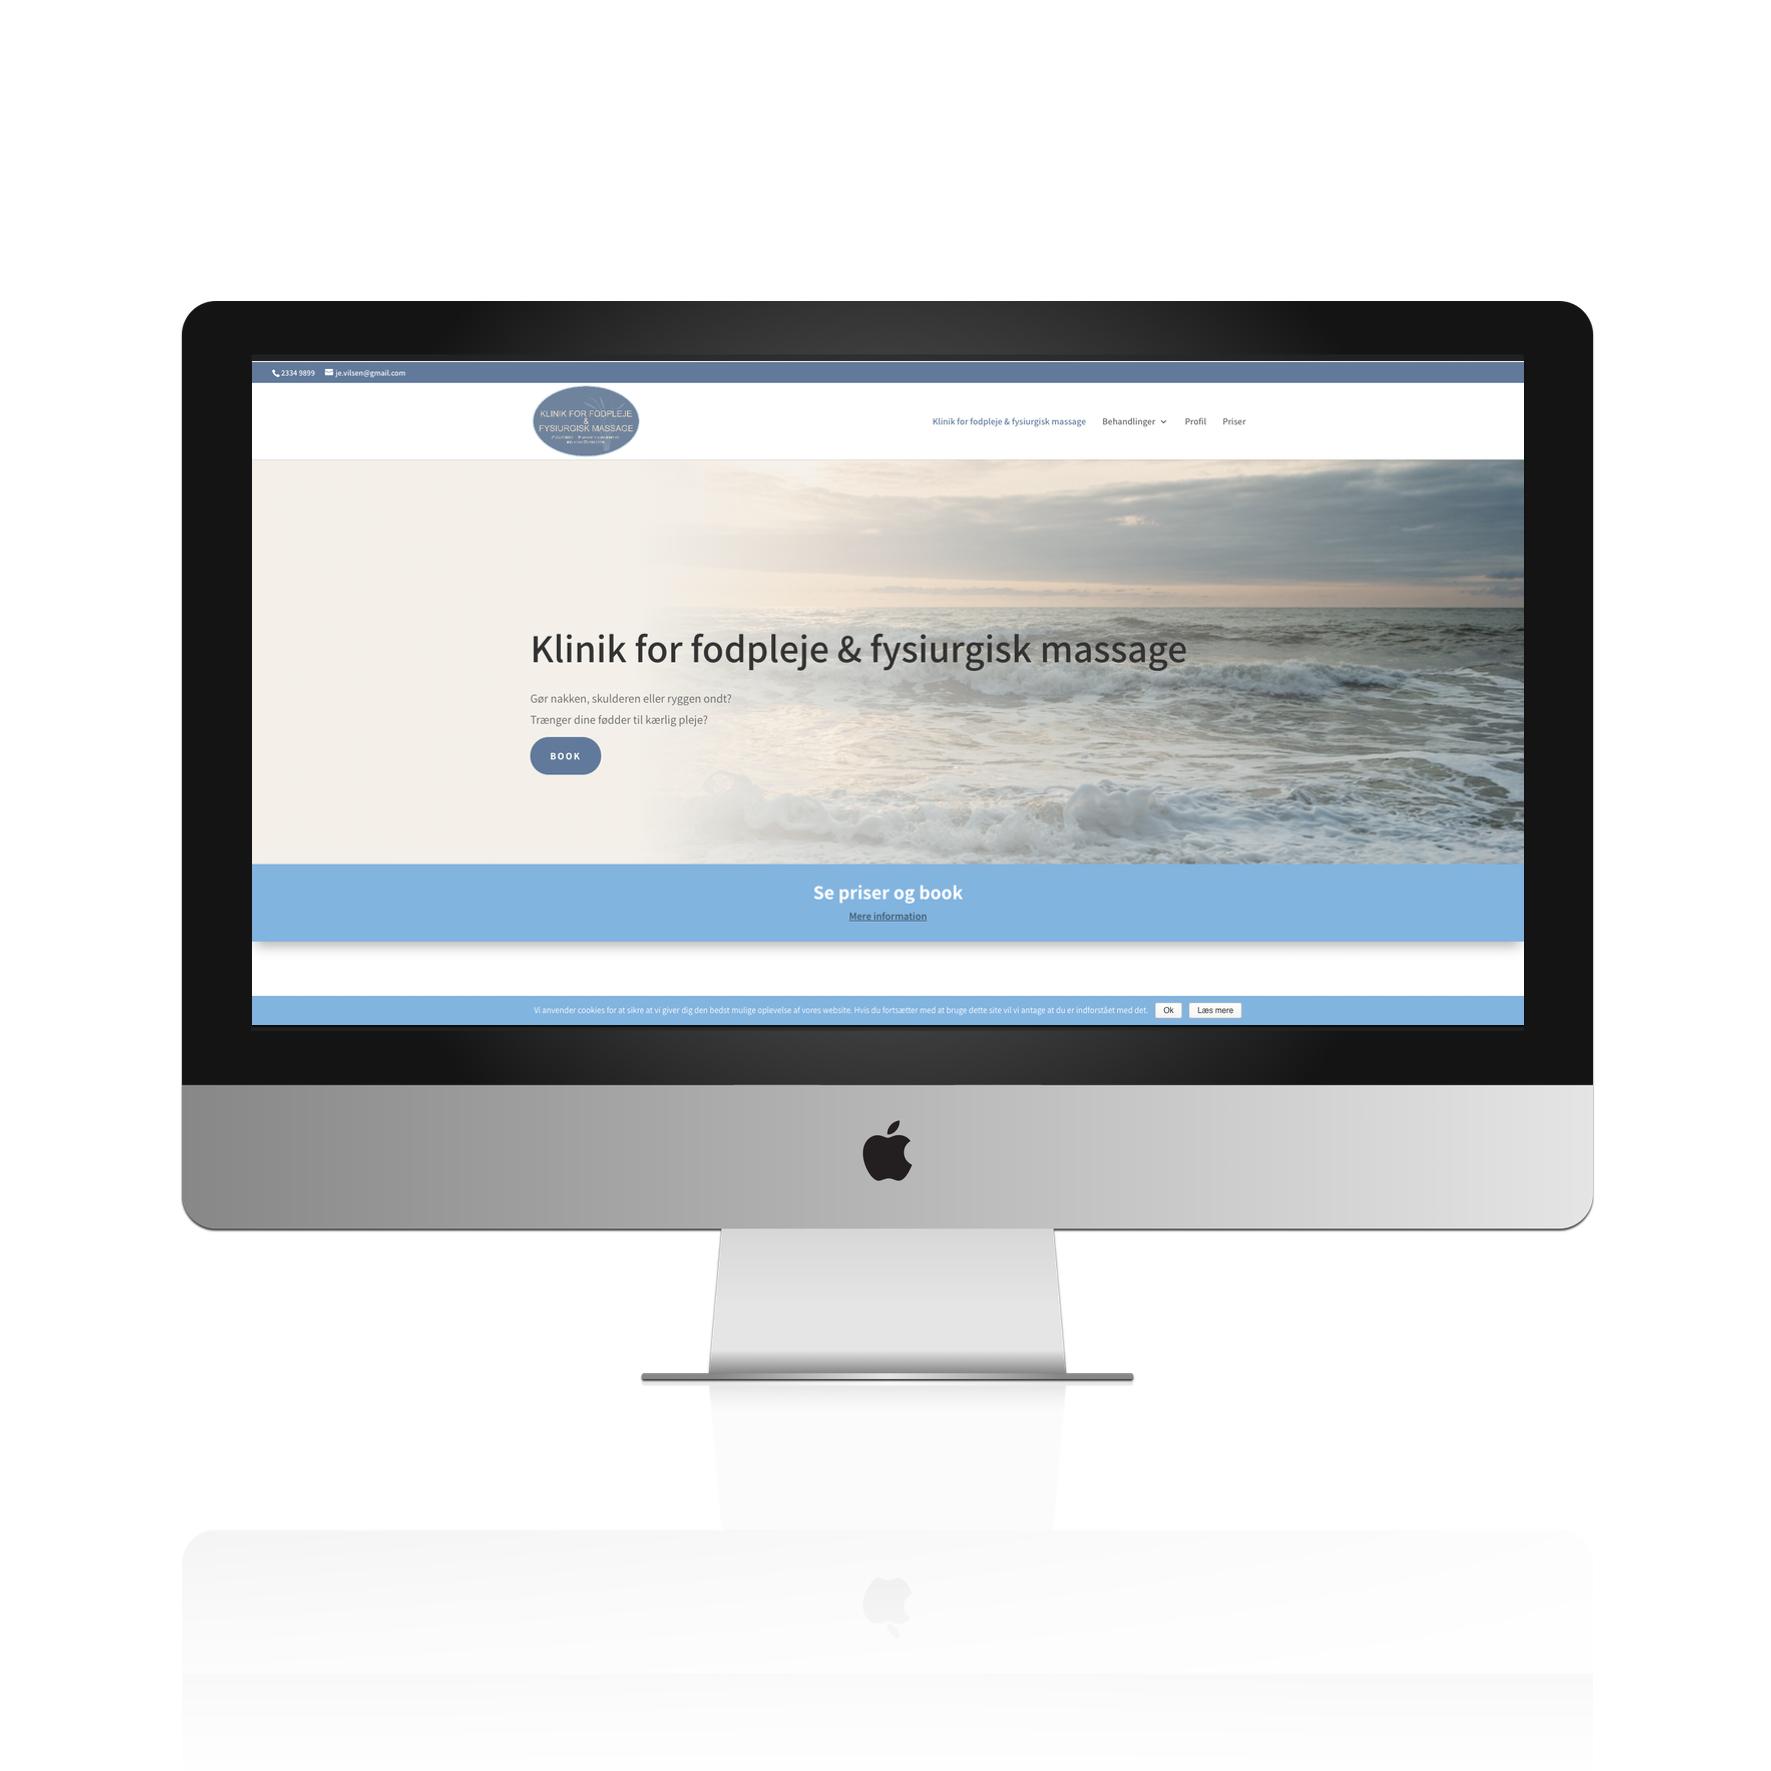 grafisk design annonce af R Stjerne